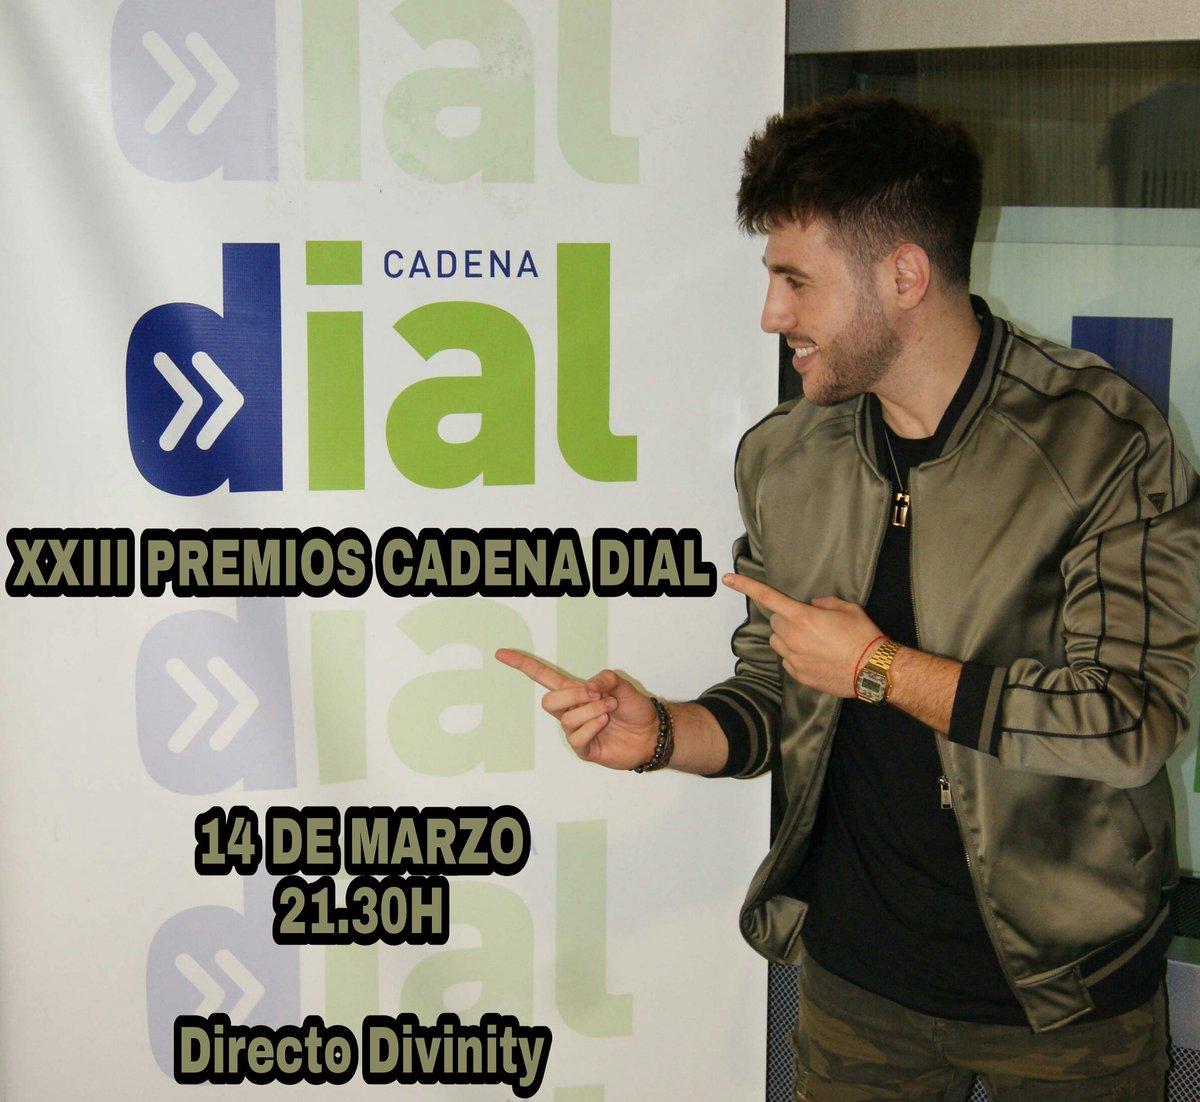 Mañana dia 14 @AntonioJSMazuec estará en los XXIII Premios @Cadena_Dial !!  Será retransmitido en @divinity_es! 21.30h península 20.30 Canarias #antoniojose #divinity #cadenadial